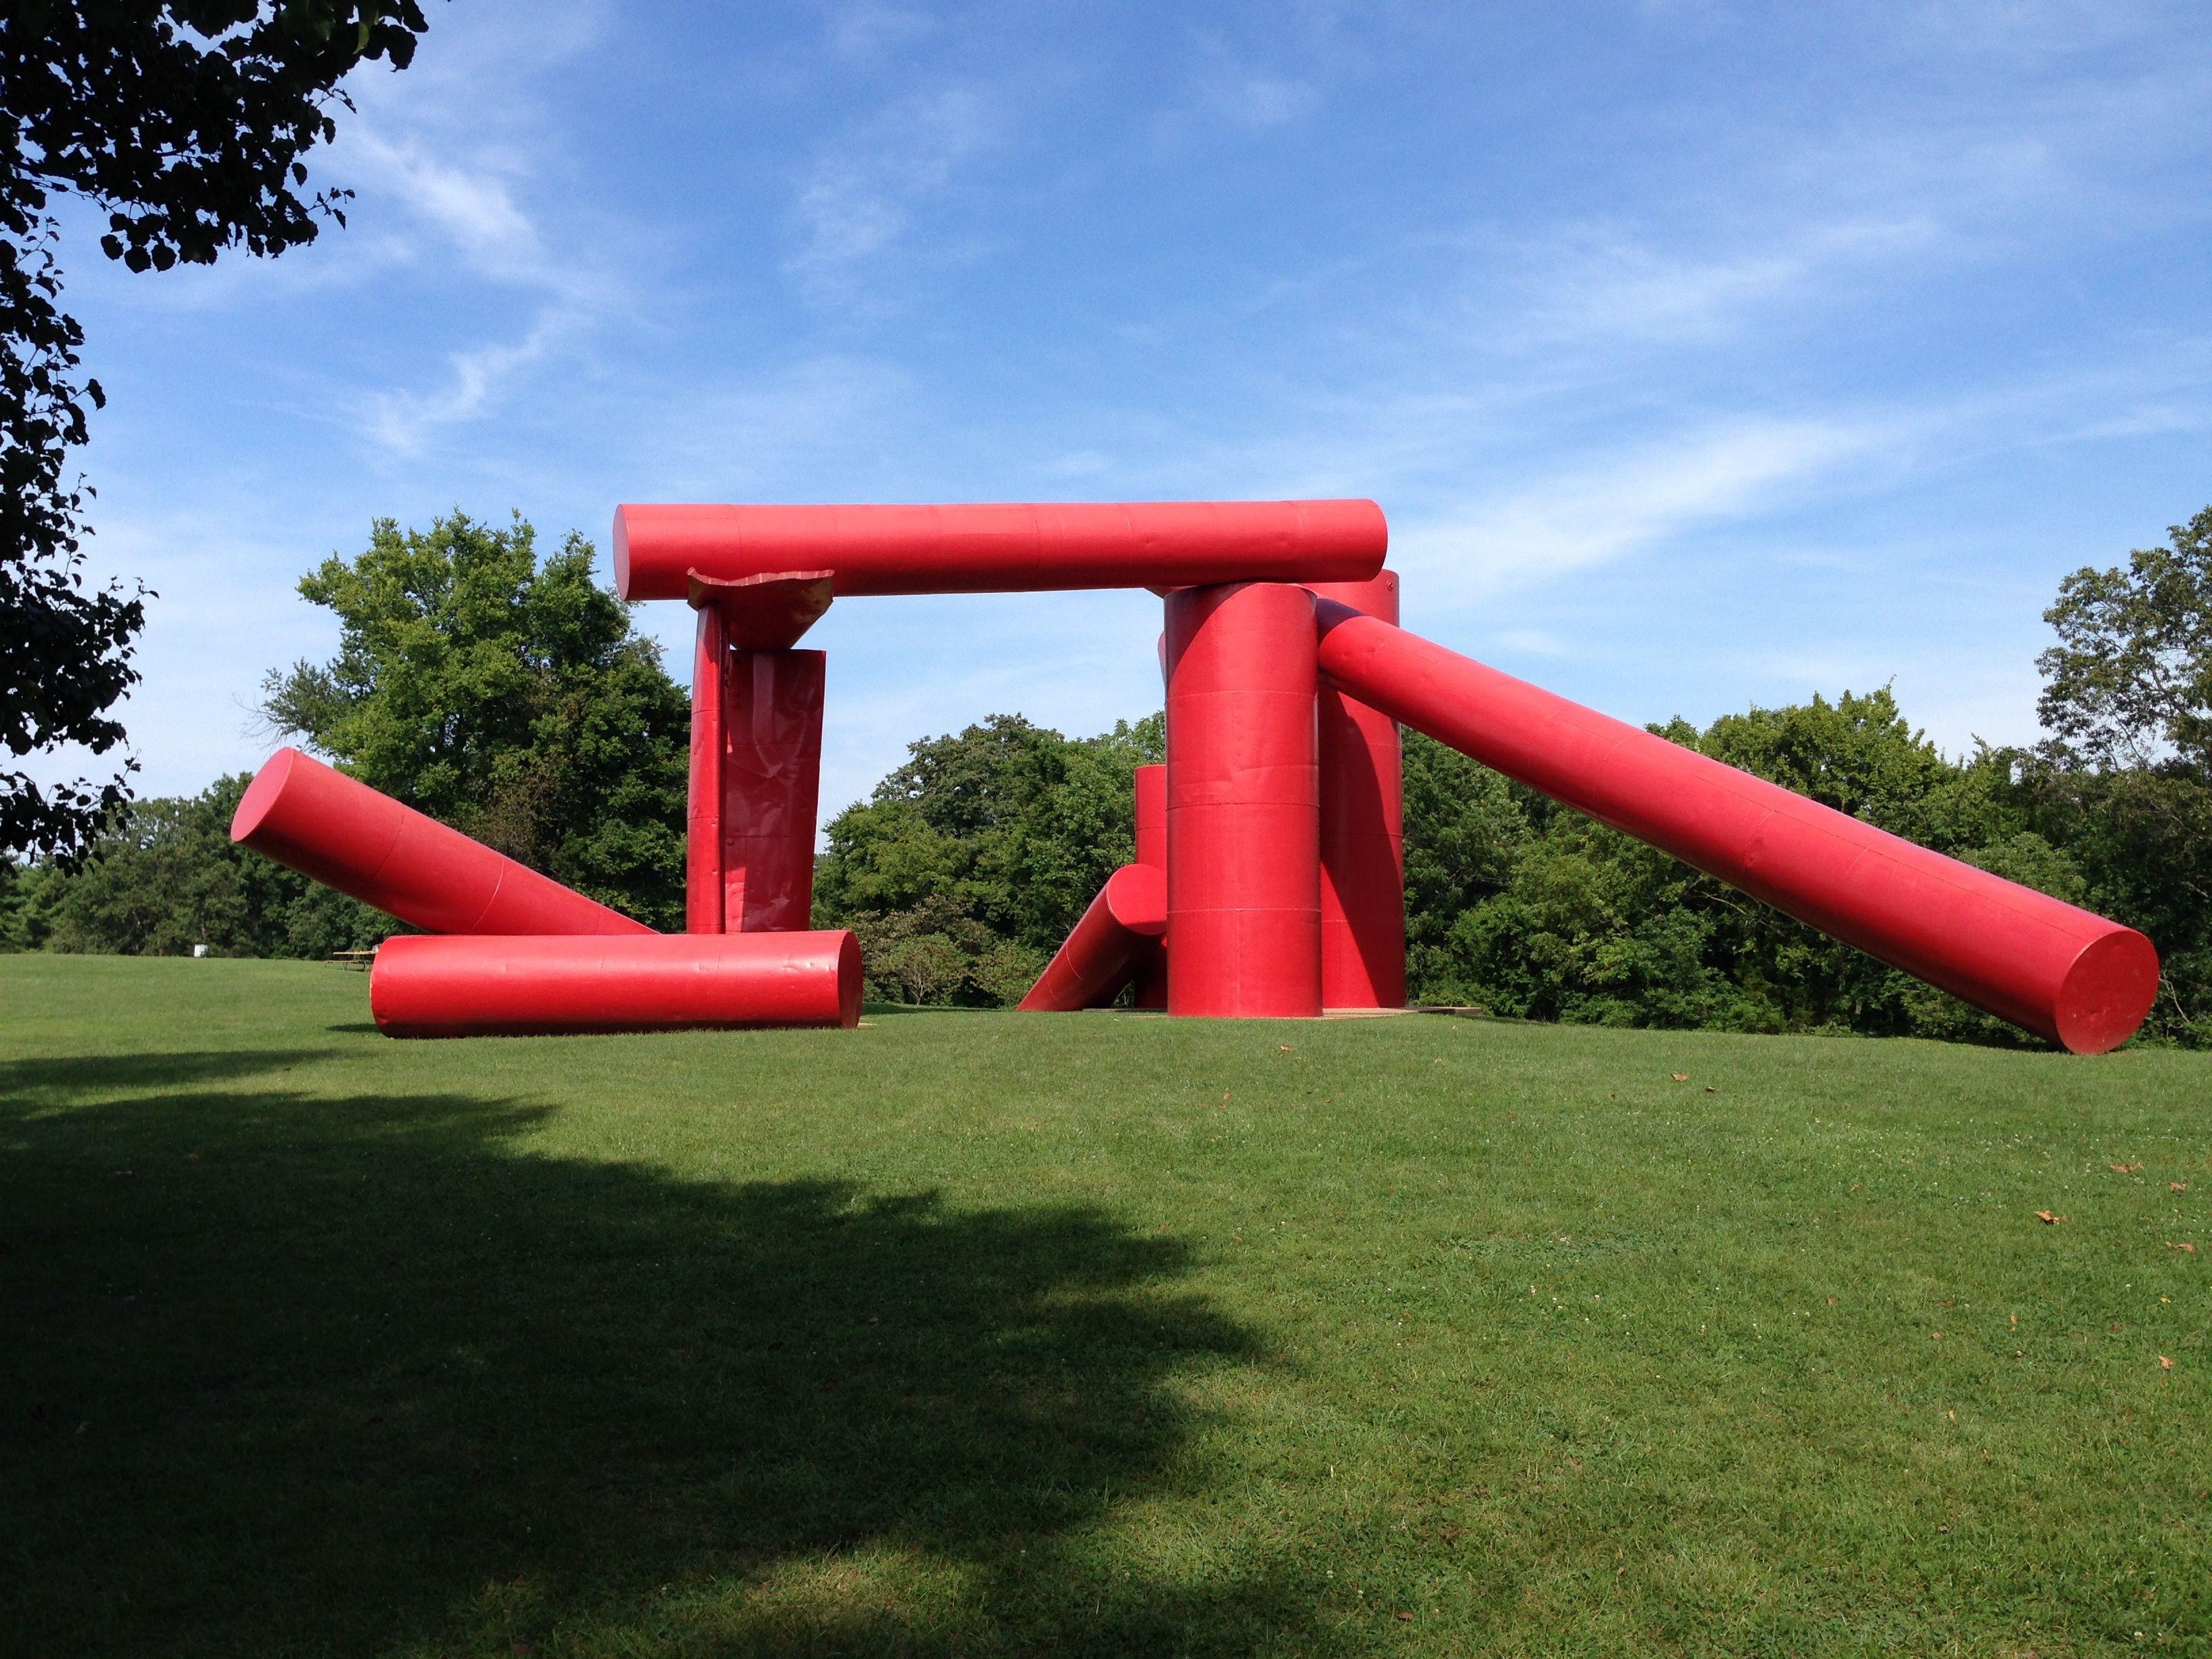 Laumeier Sculpture Park in St. Louis County